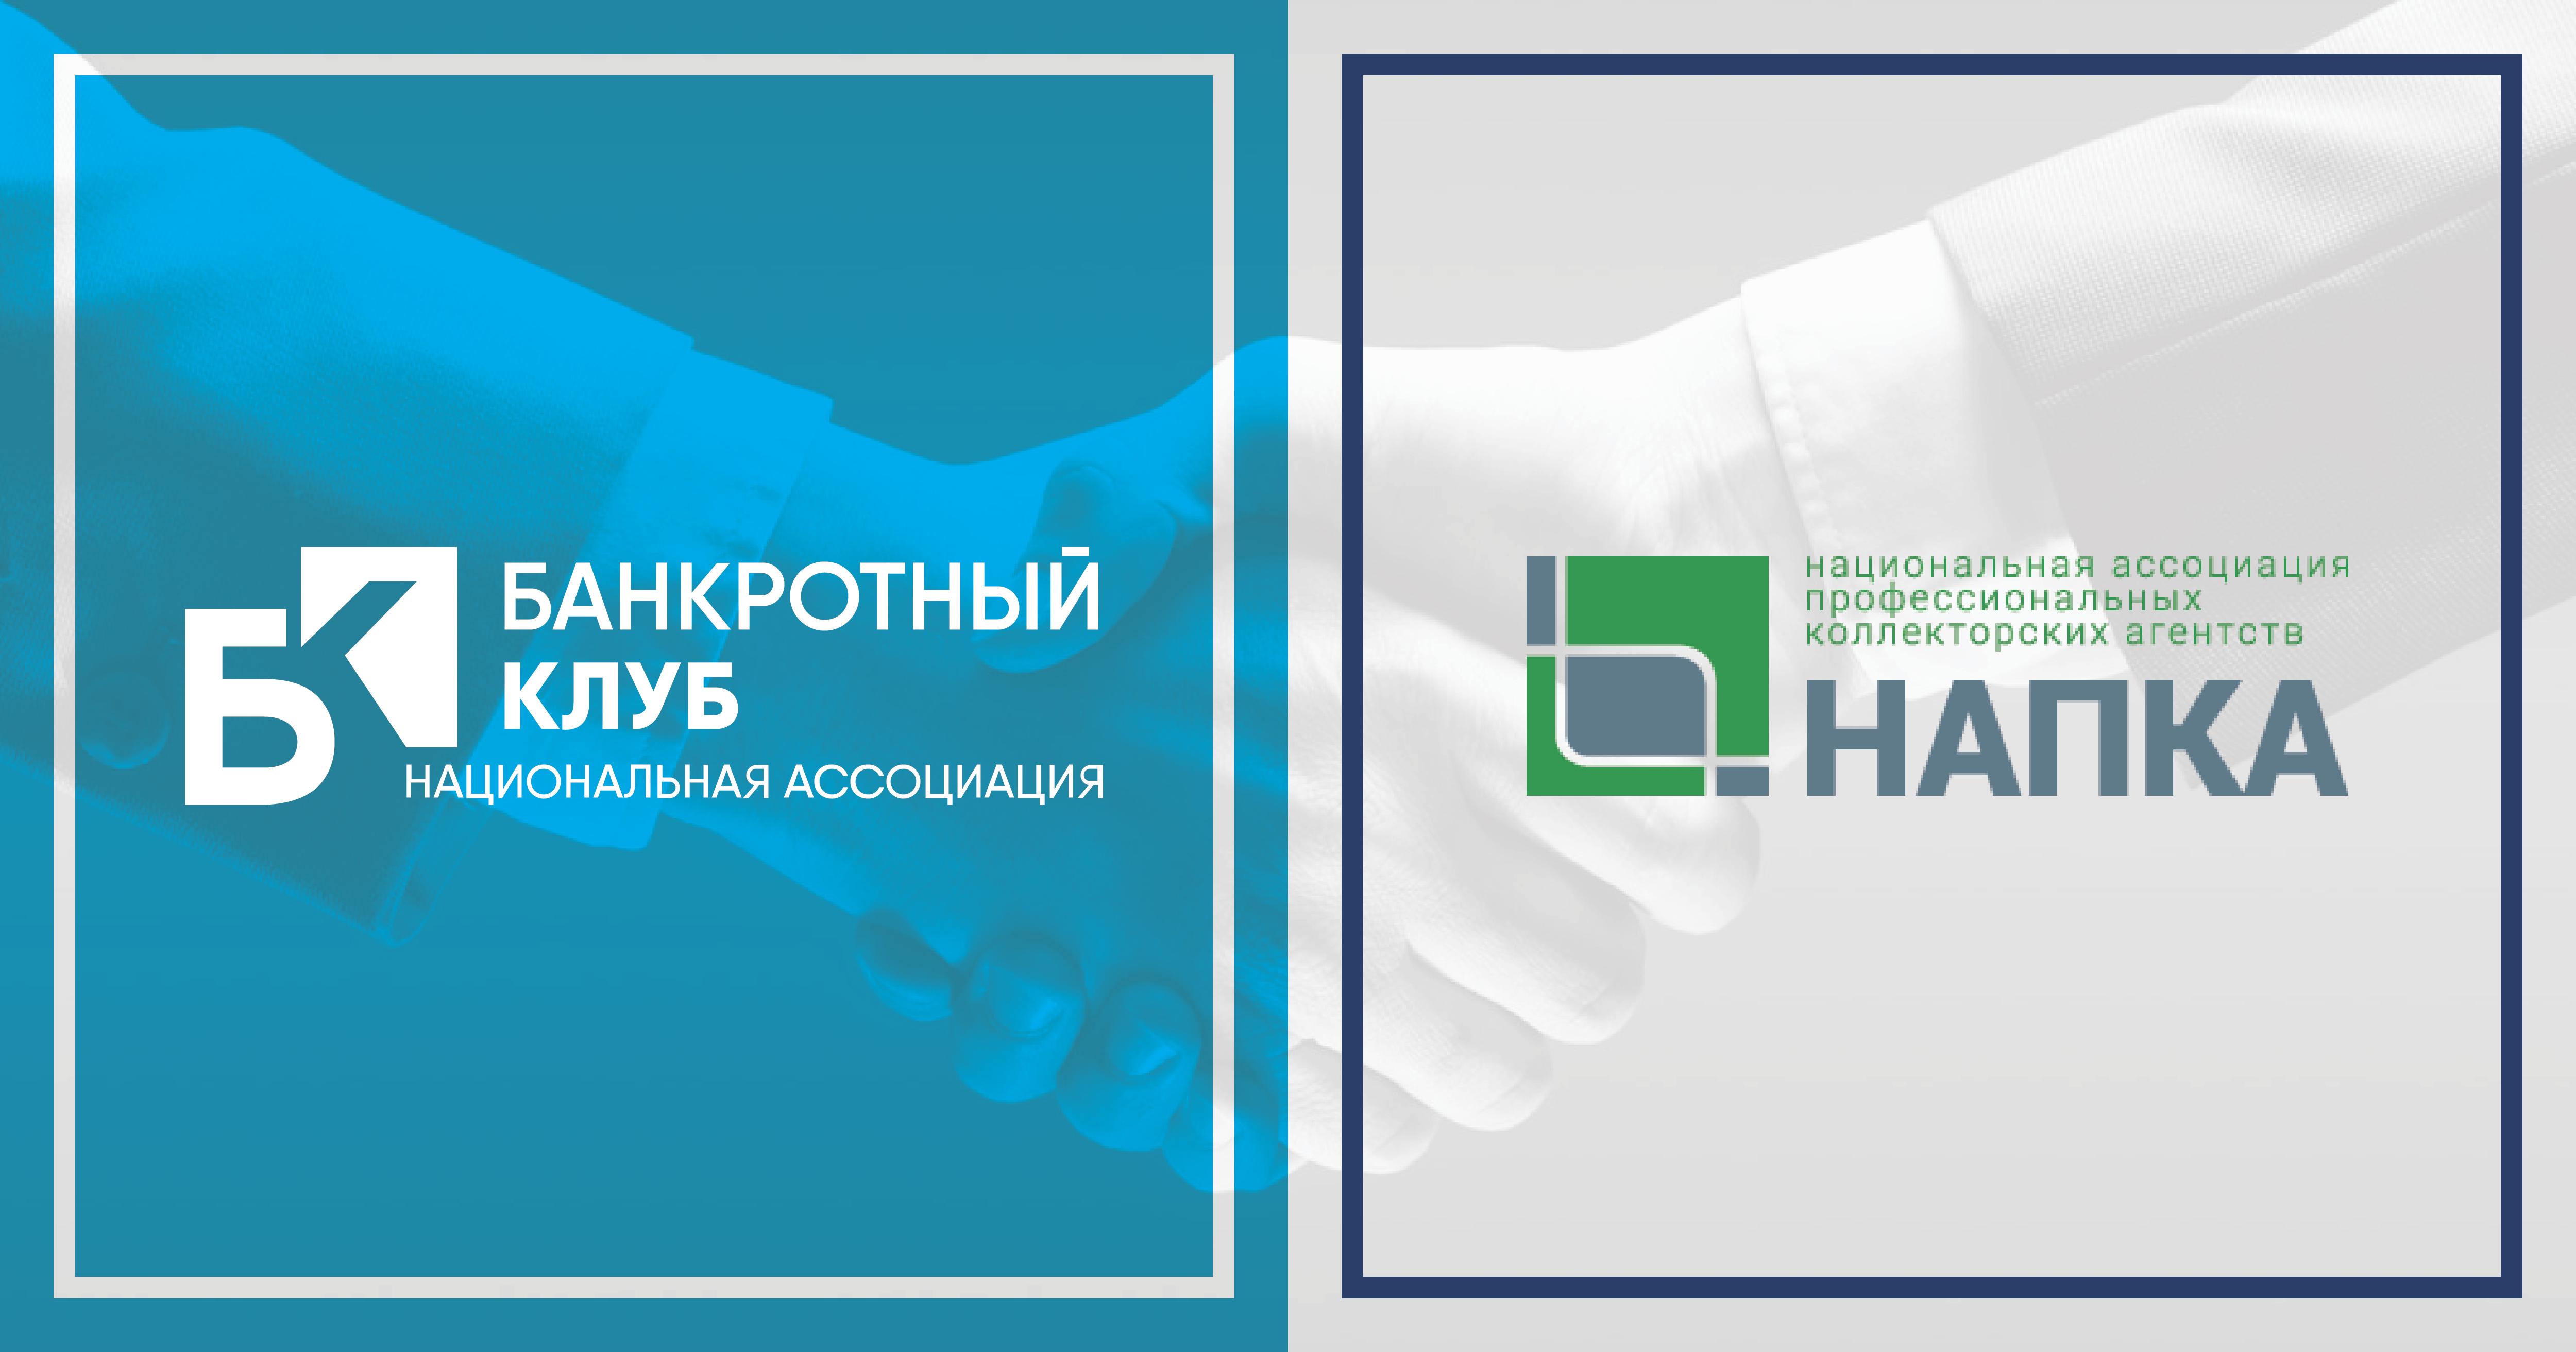 Подписано соглашение о сотрудничестве с Национальной ассоциацией профессиональных коллекторских агентств